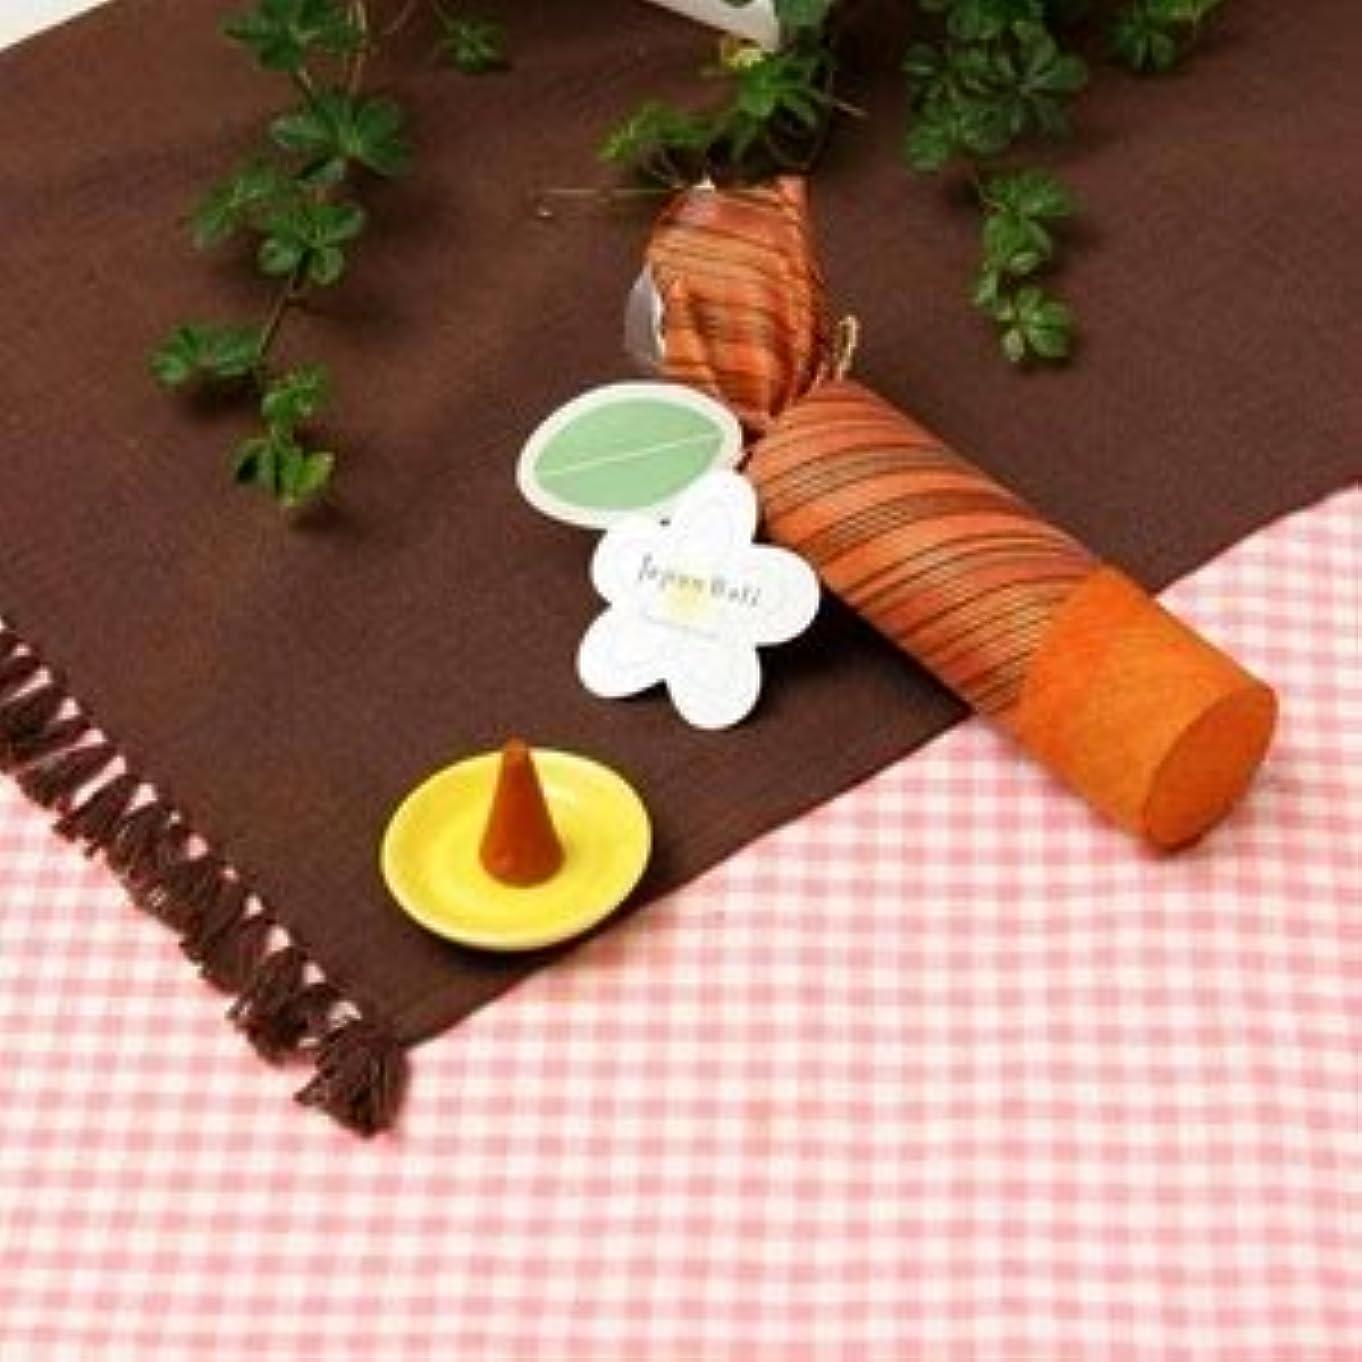 お香/インセンス 【サンダルウッドの香り コーンタイプ10個入り】 バリ島製 「Jupen Bari